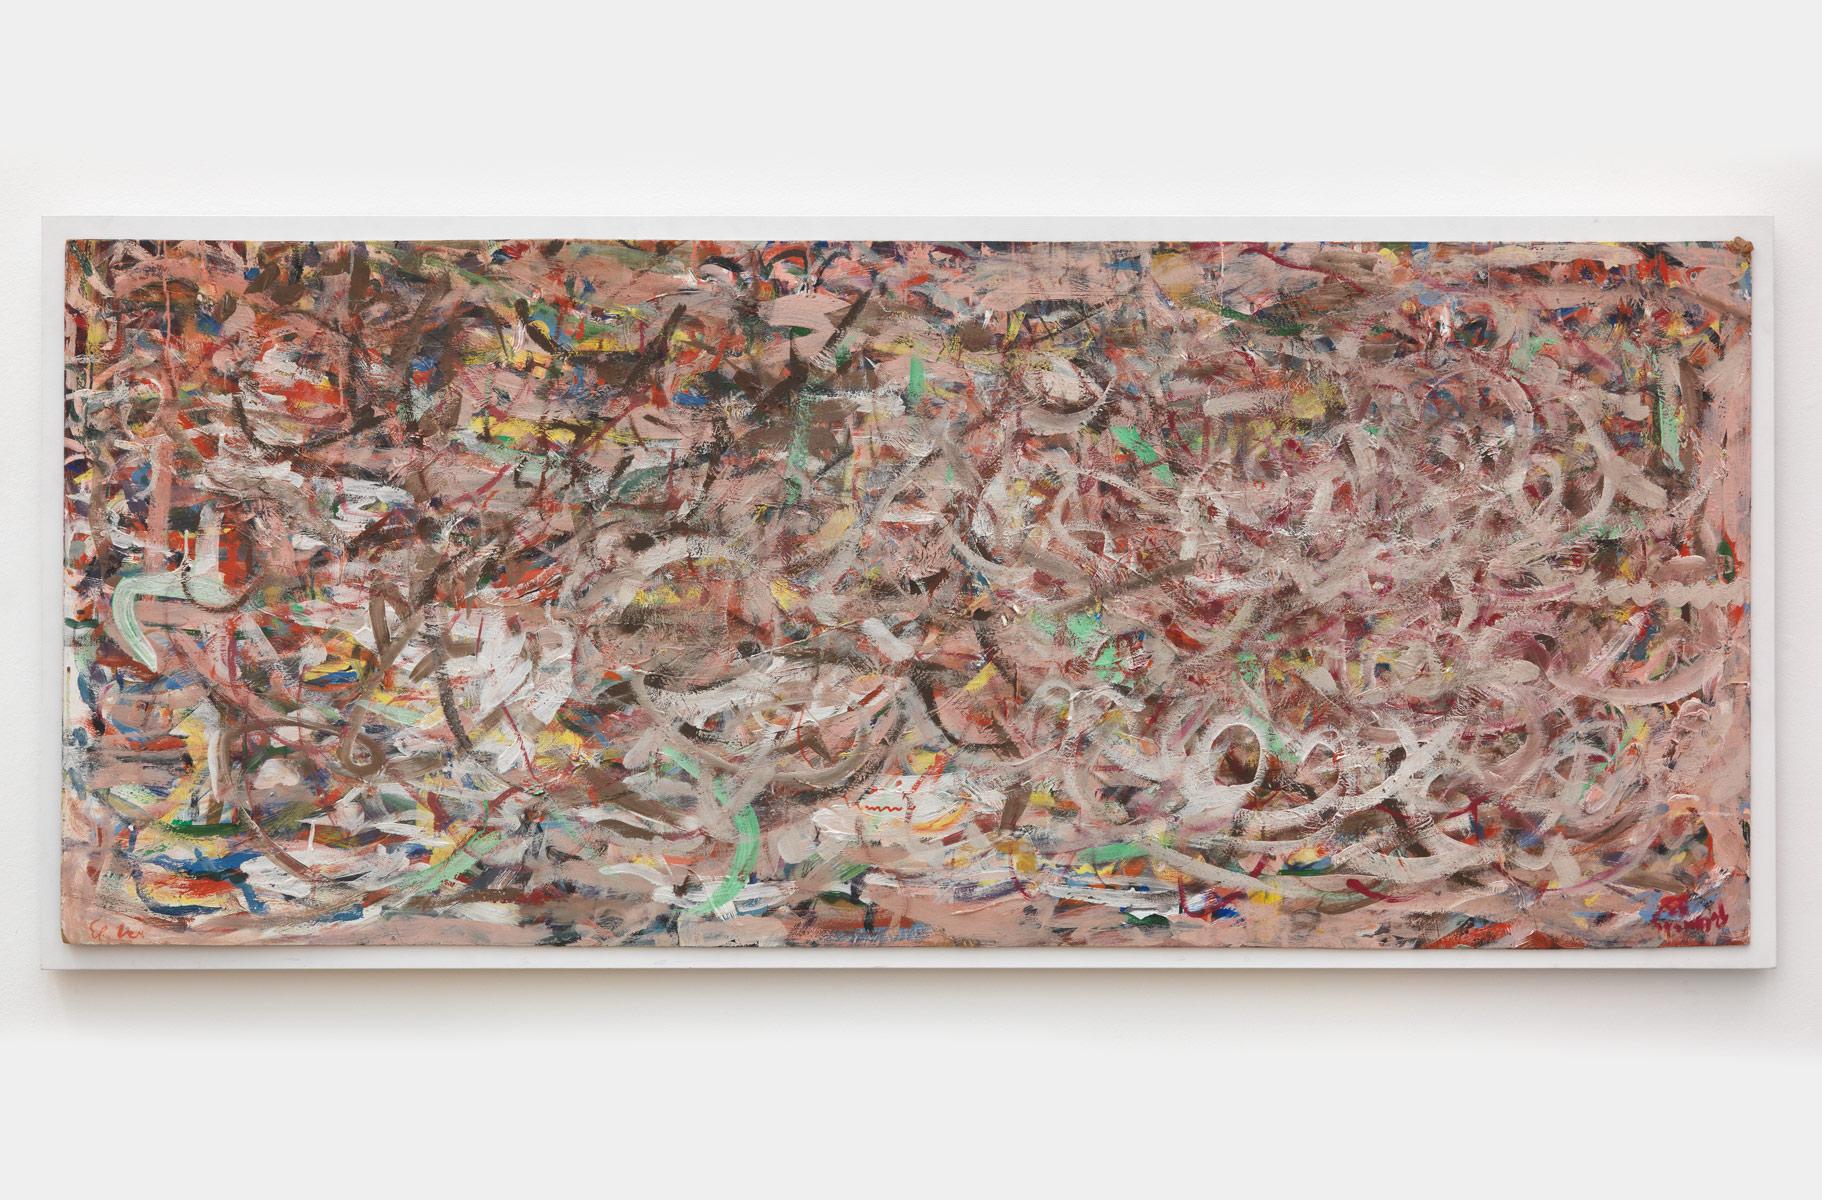 Works Franz West Galerie Barbel Grasslin